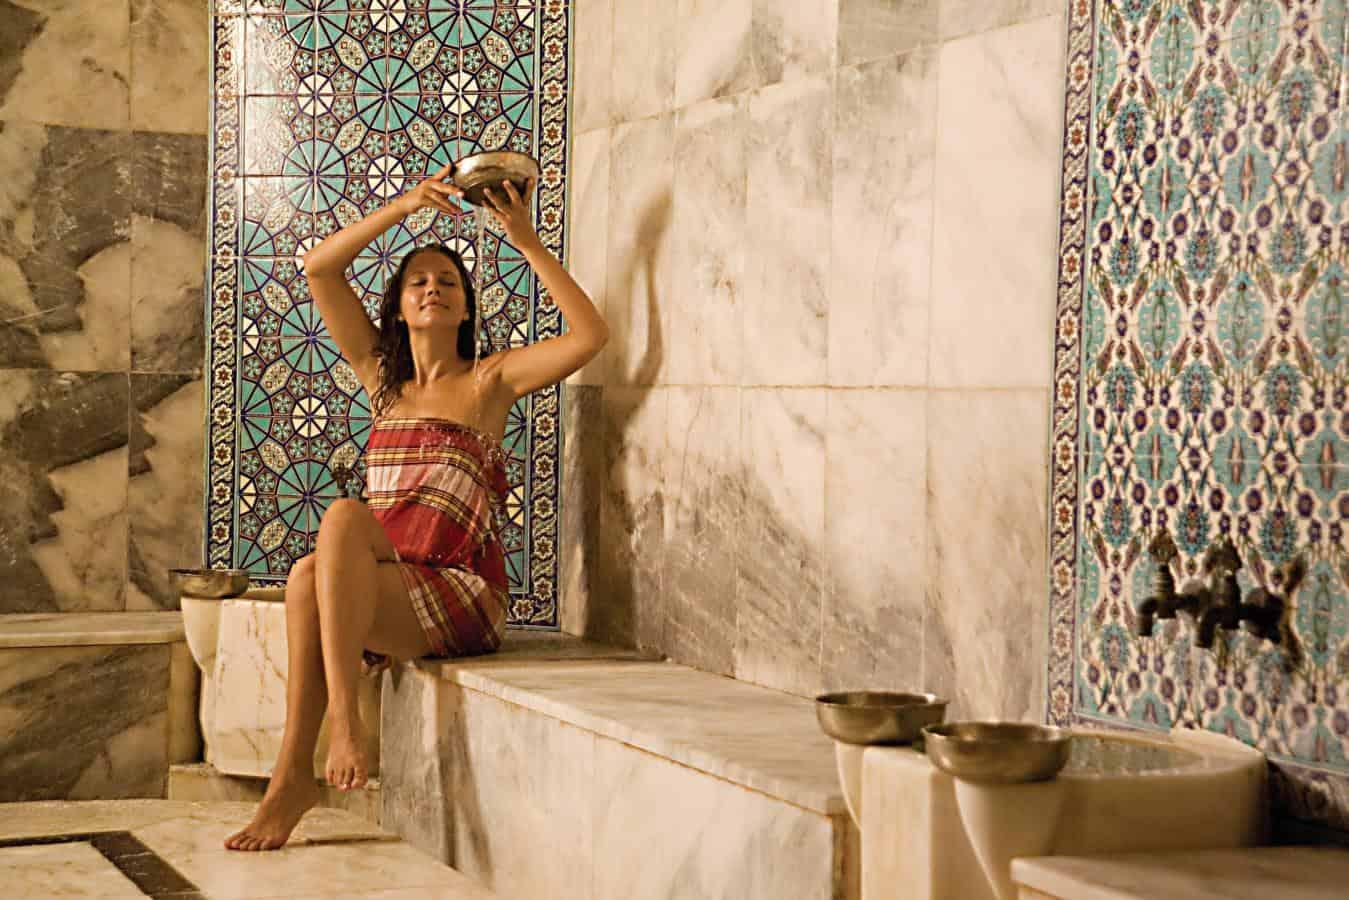 اشهر الحمامات بتركيا